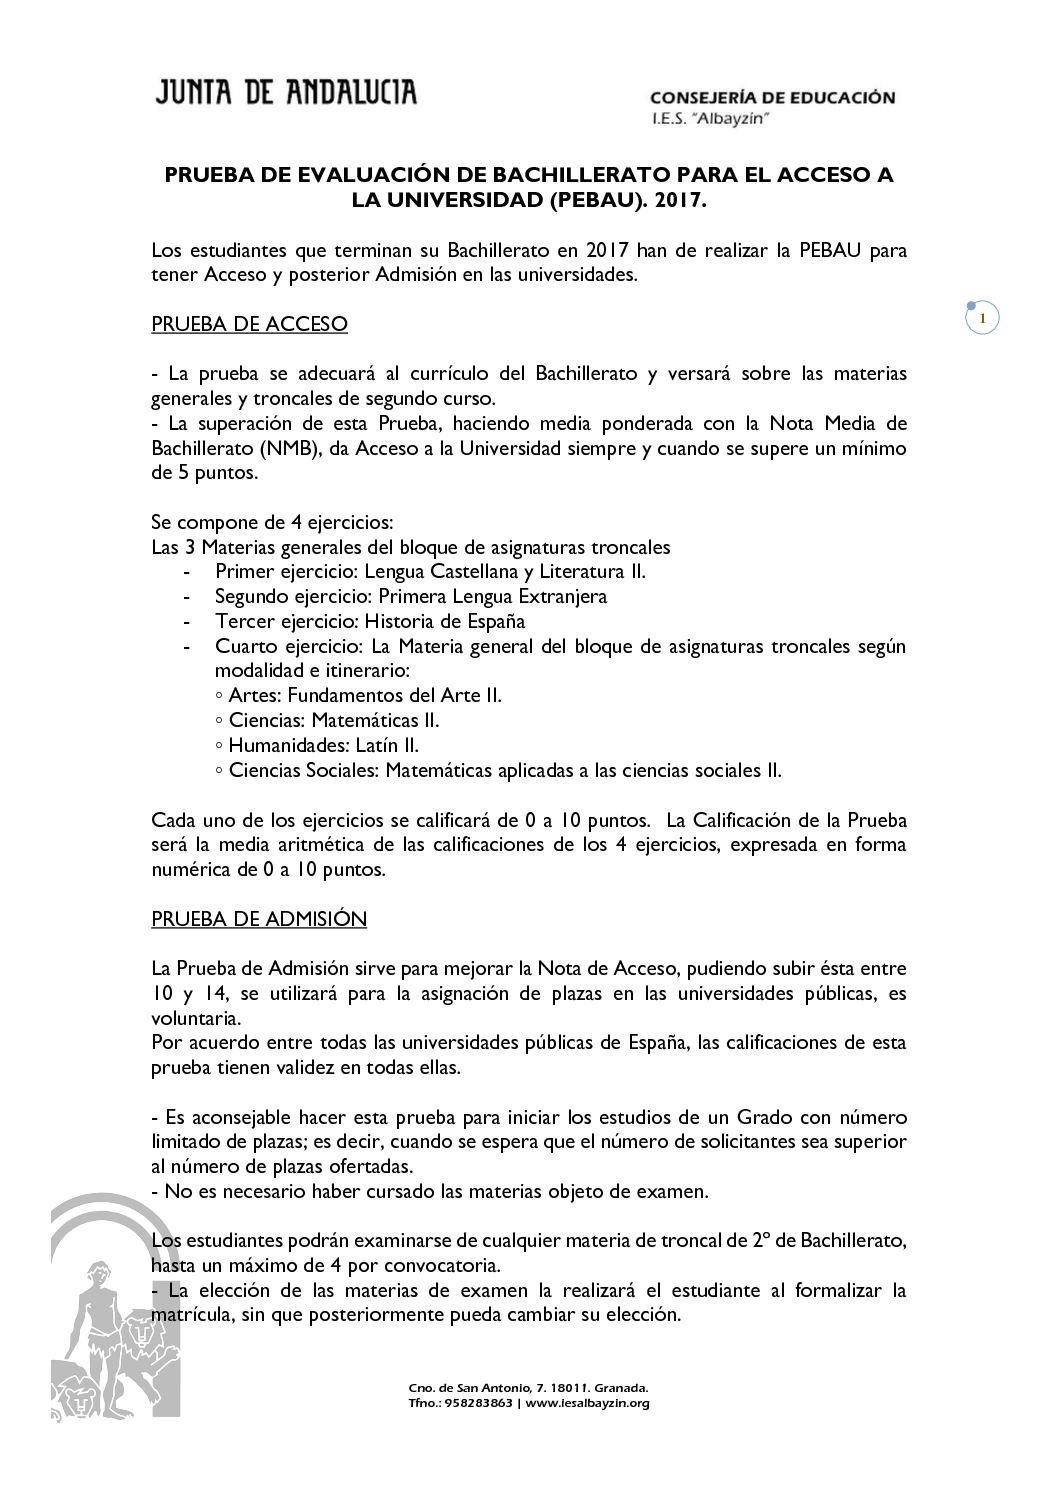 Calaméo - Pbau 2017 Y Grados